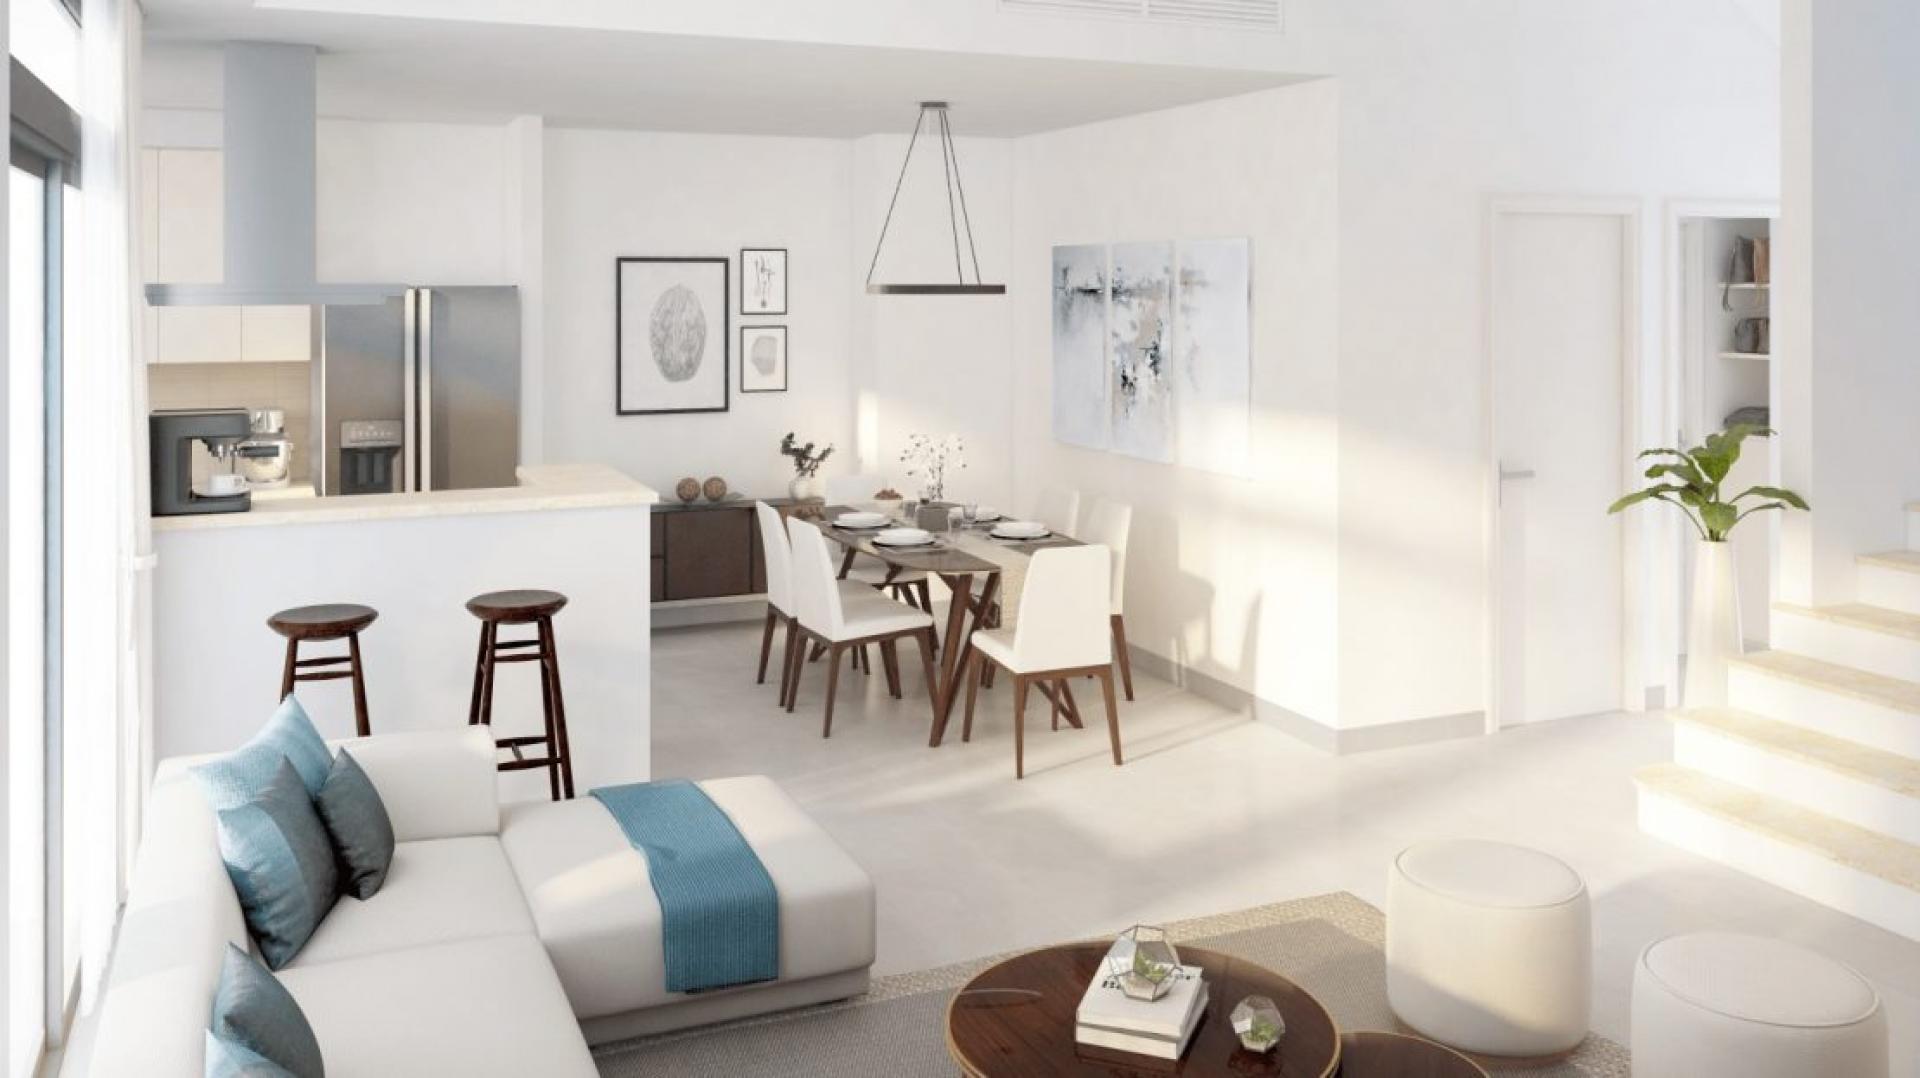 Adosado en venta en Dubai, EAU, 4 dormitorios, 320 m2, № 24022 – foto 1